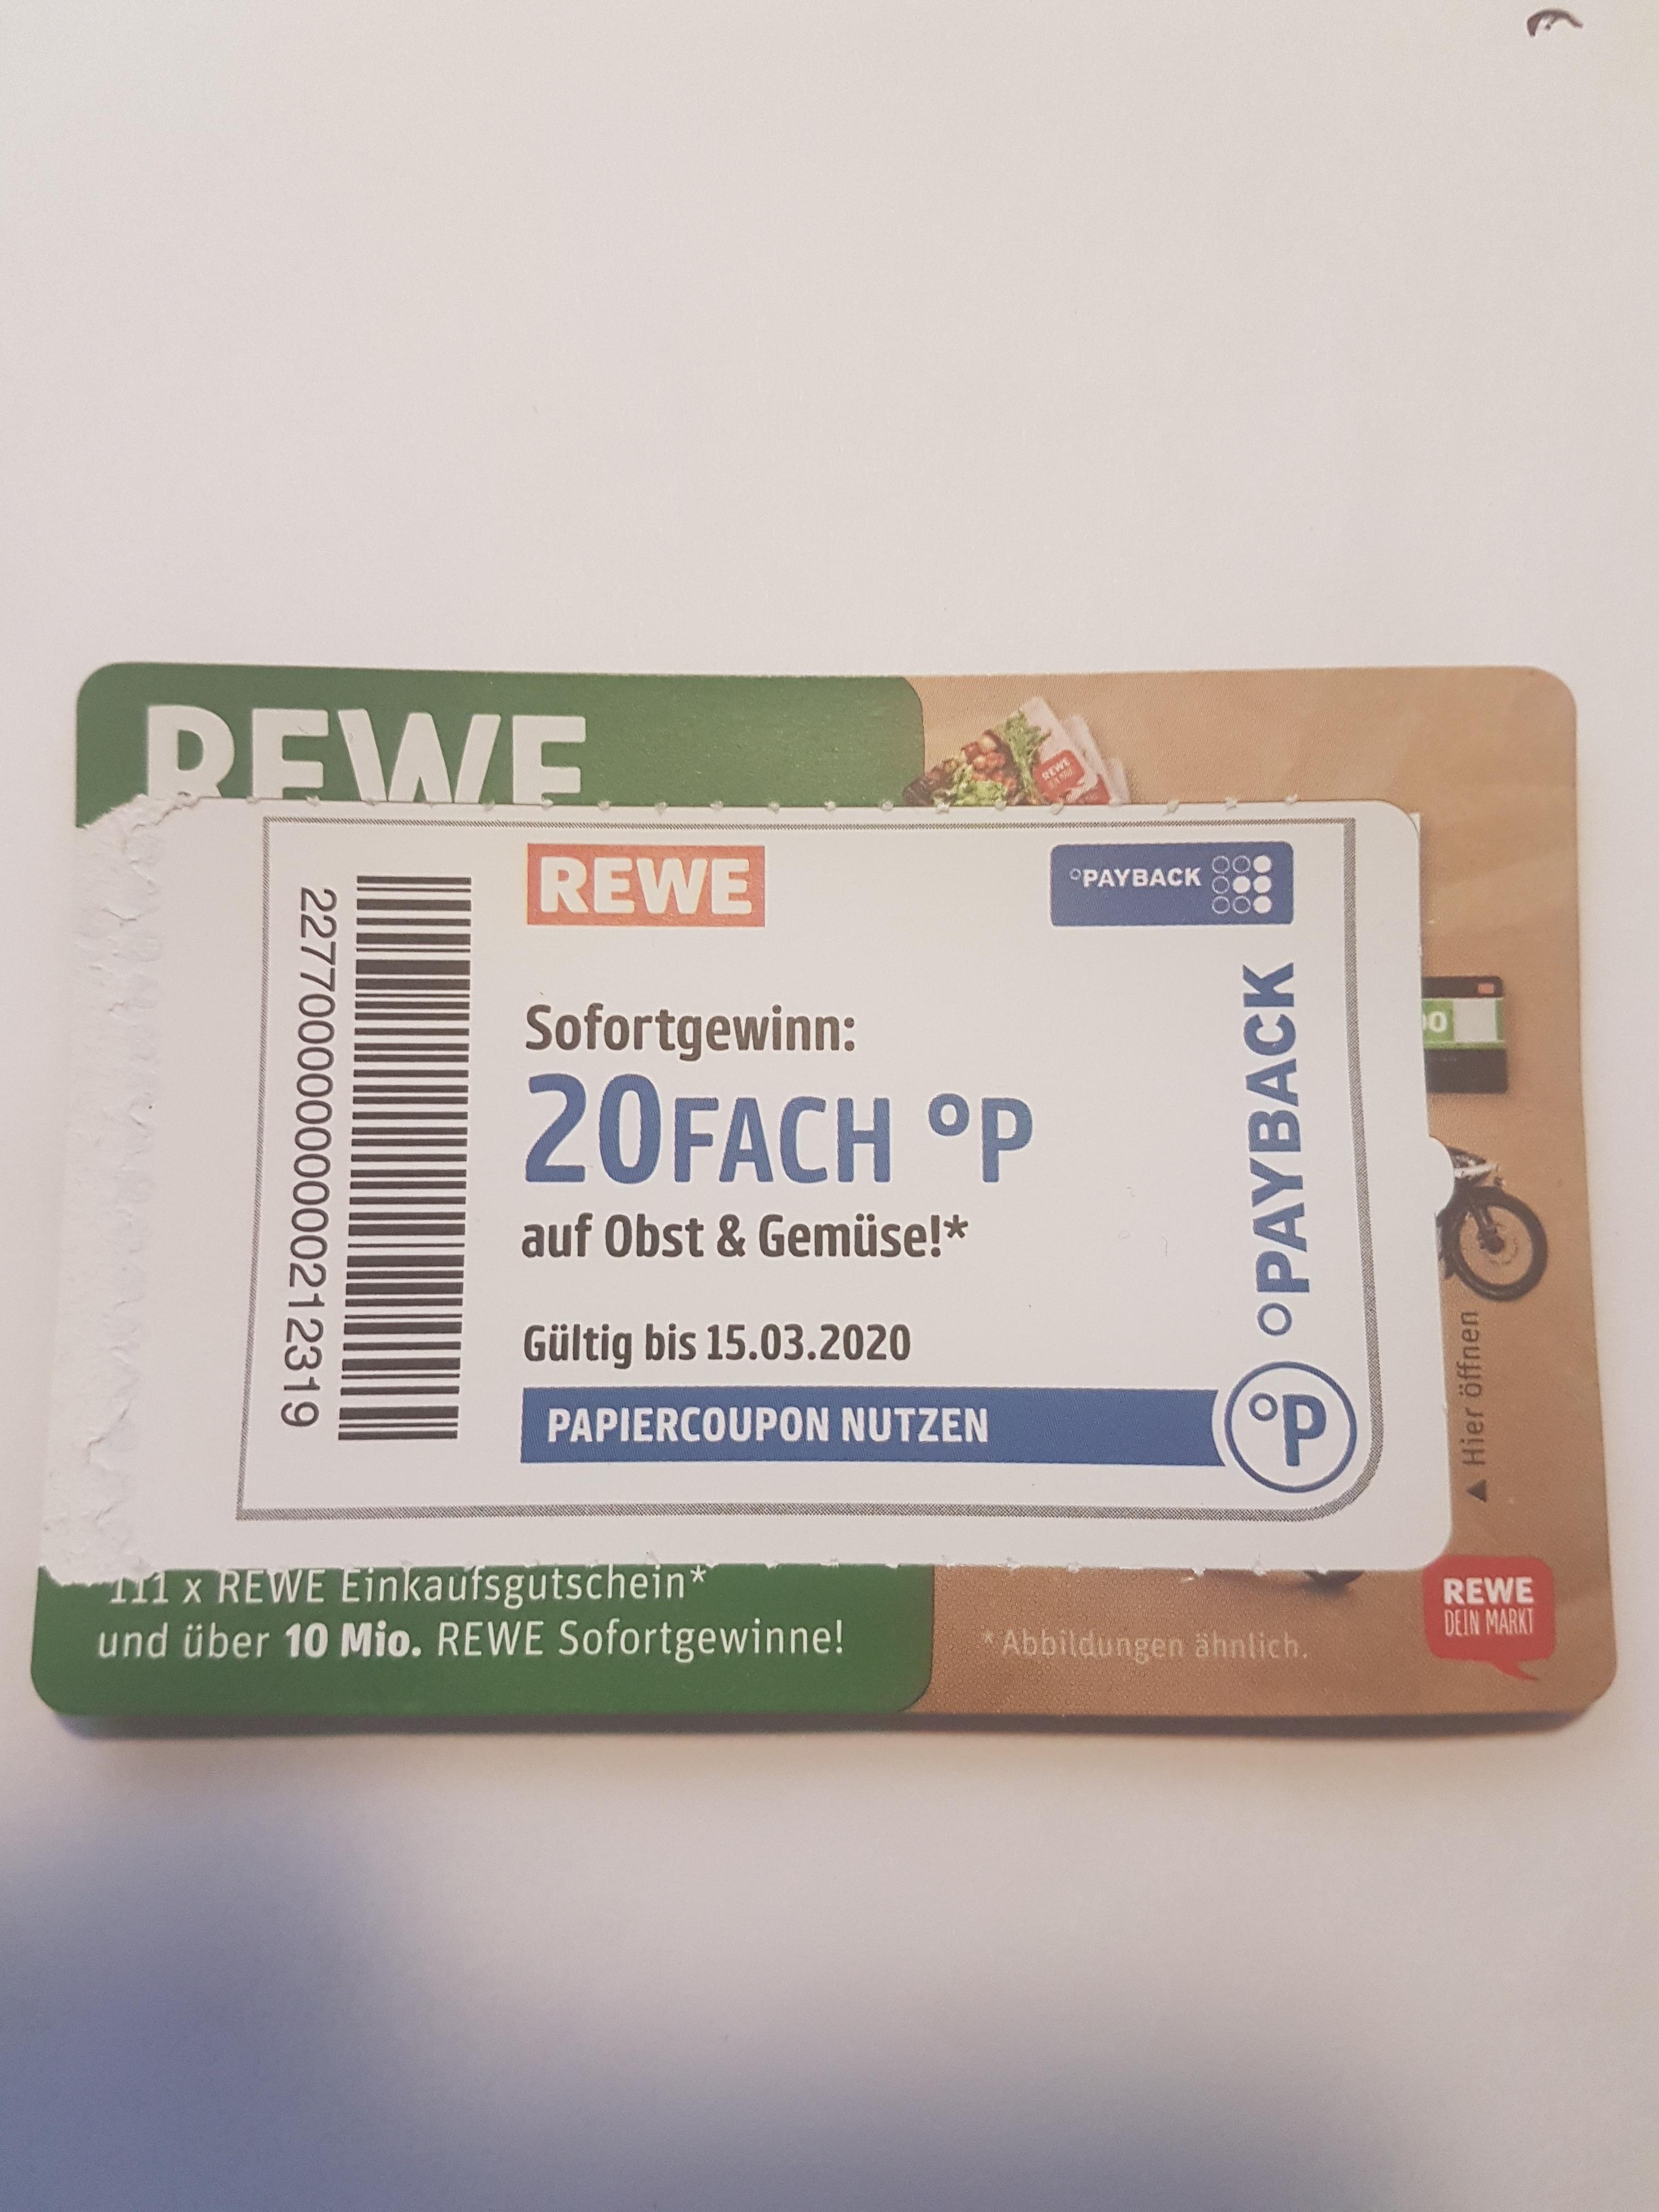 20fache Payback Punkte bei REWE auf Obst und Gemüse gültig bis 15.03.2020